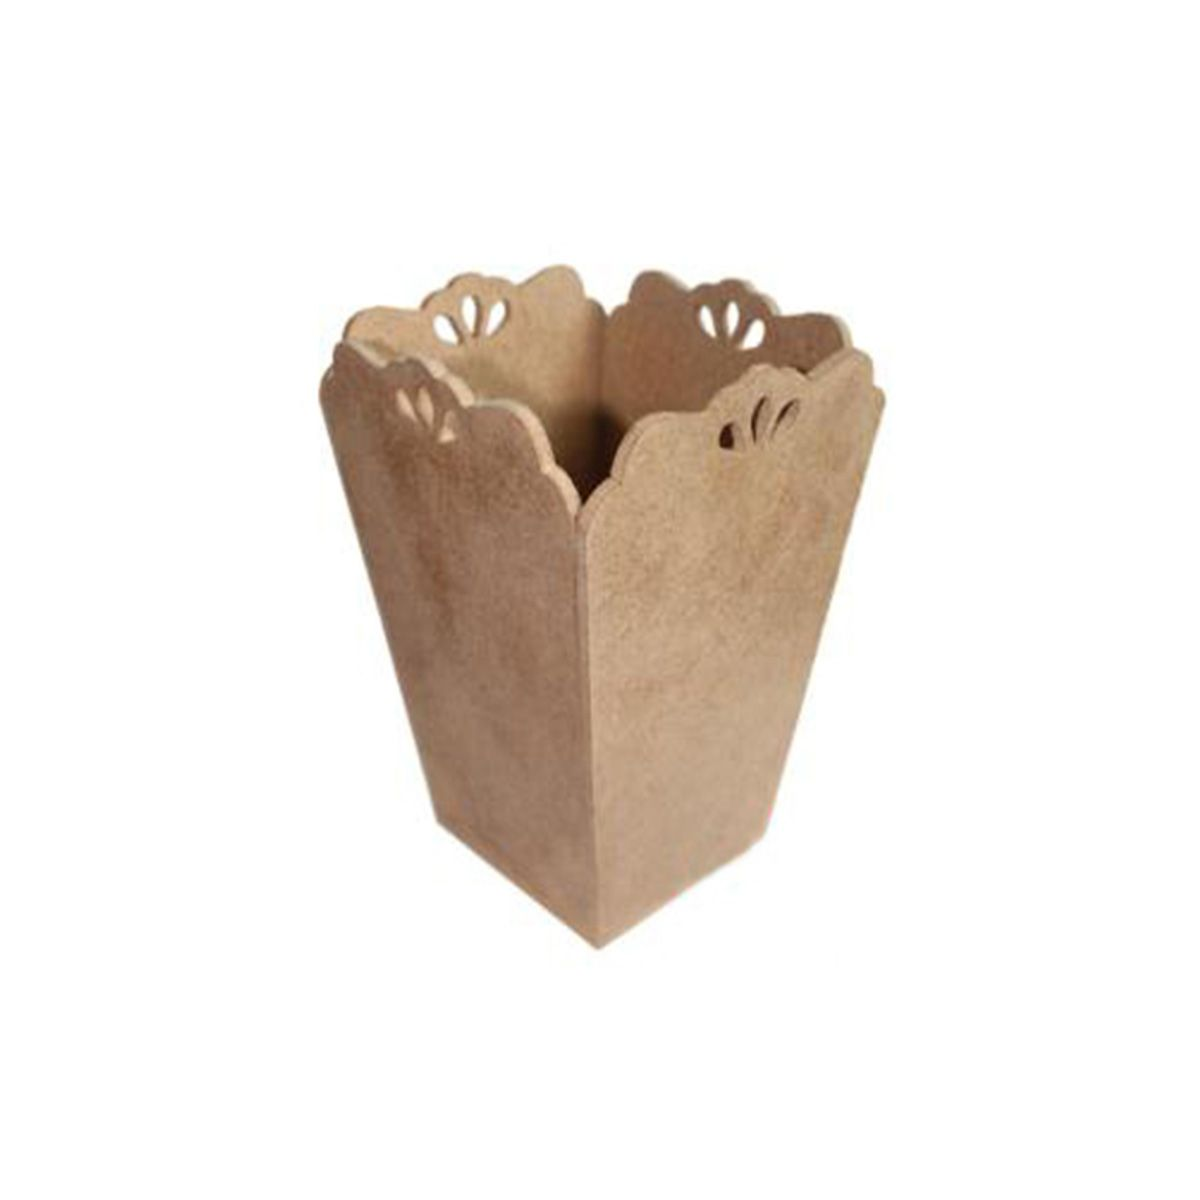 AH6140139 Заготовка из МДФ 'Кашпо-ваза с капельками', 21х15х17 см